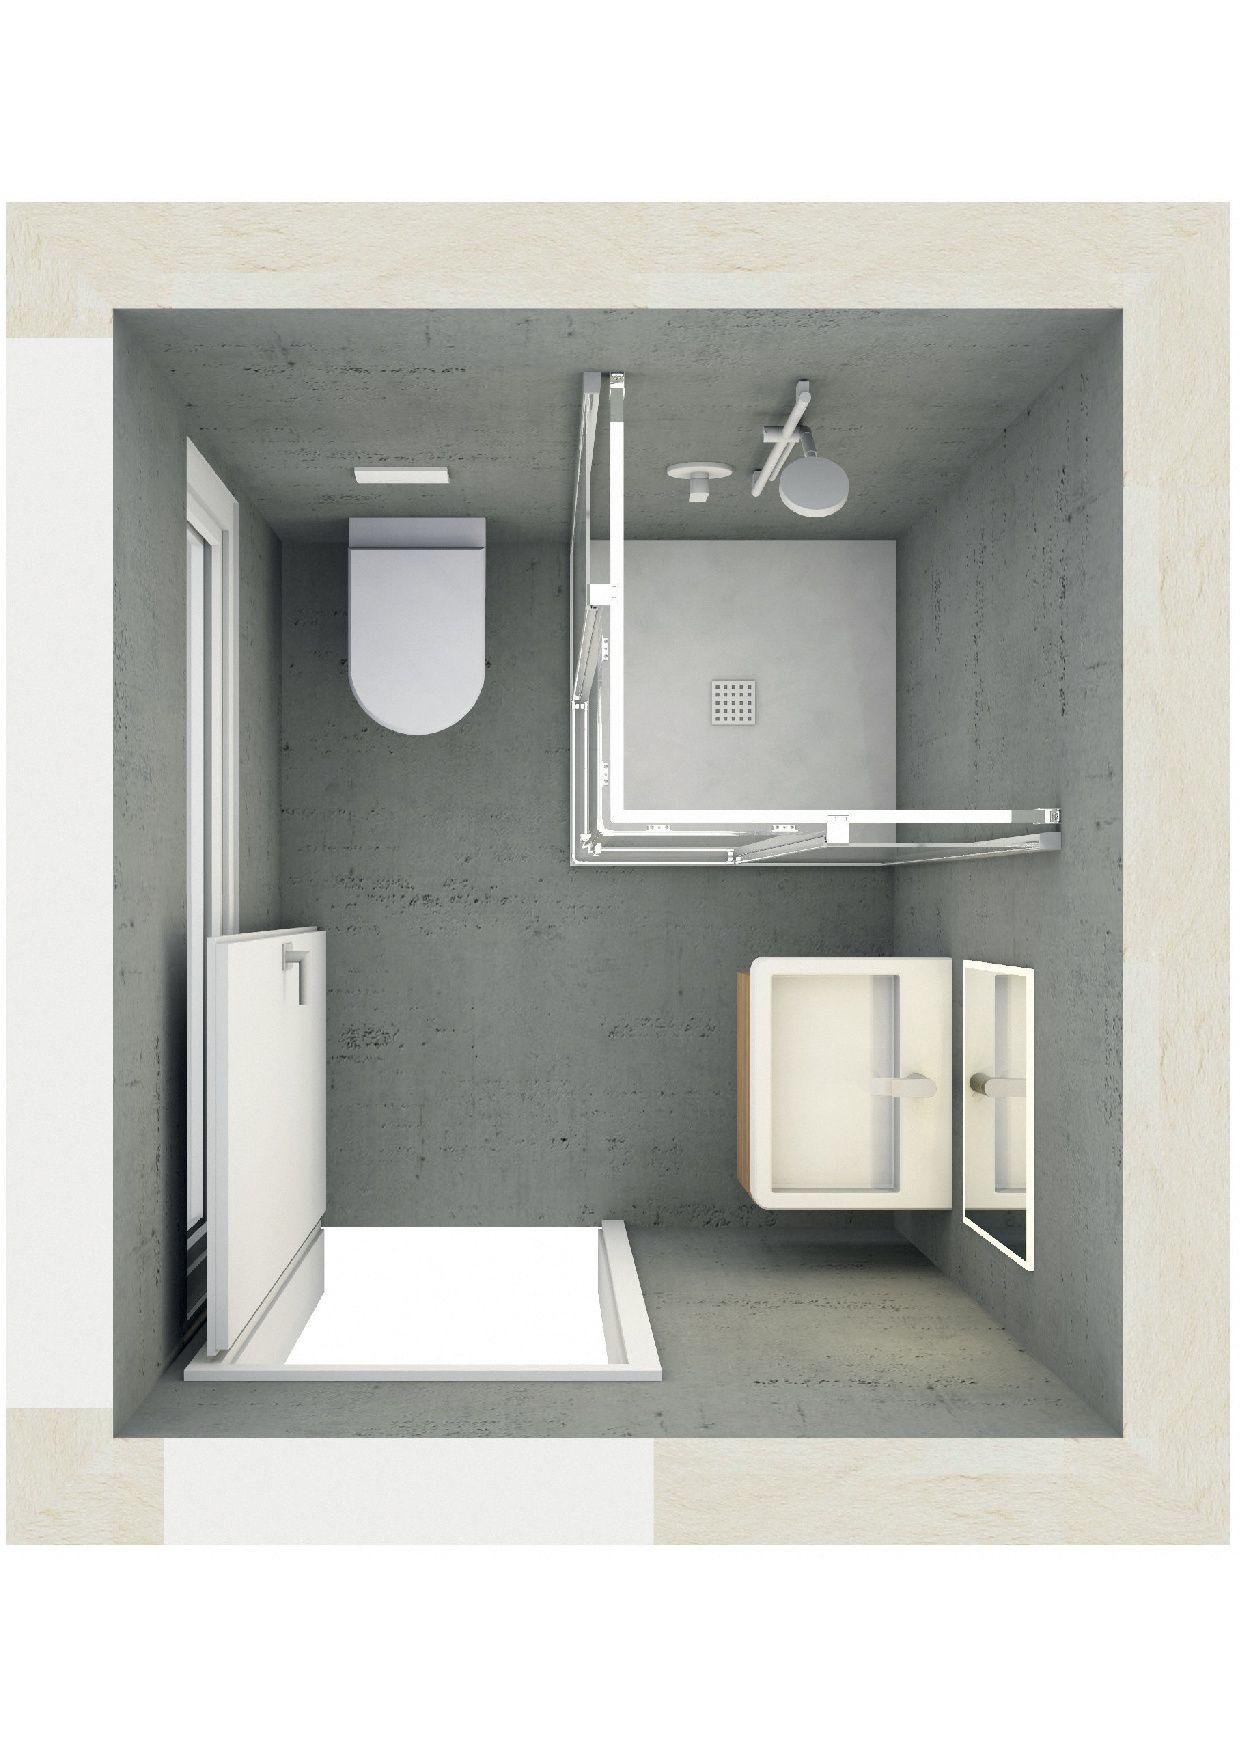 T Loesung Badezimmer Berschneider 43 Berschneider Architekten Bda